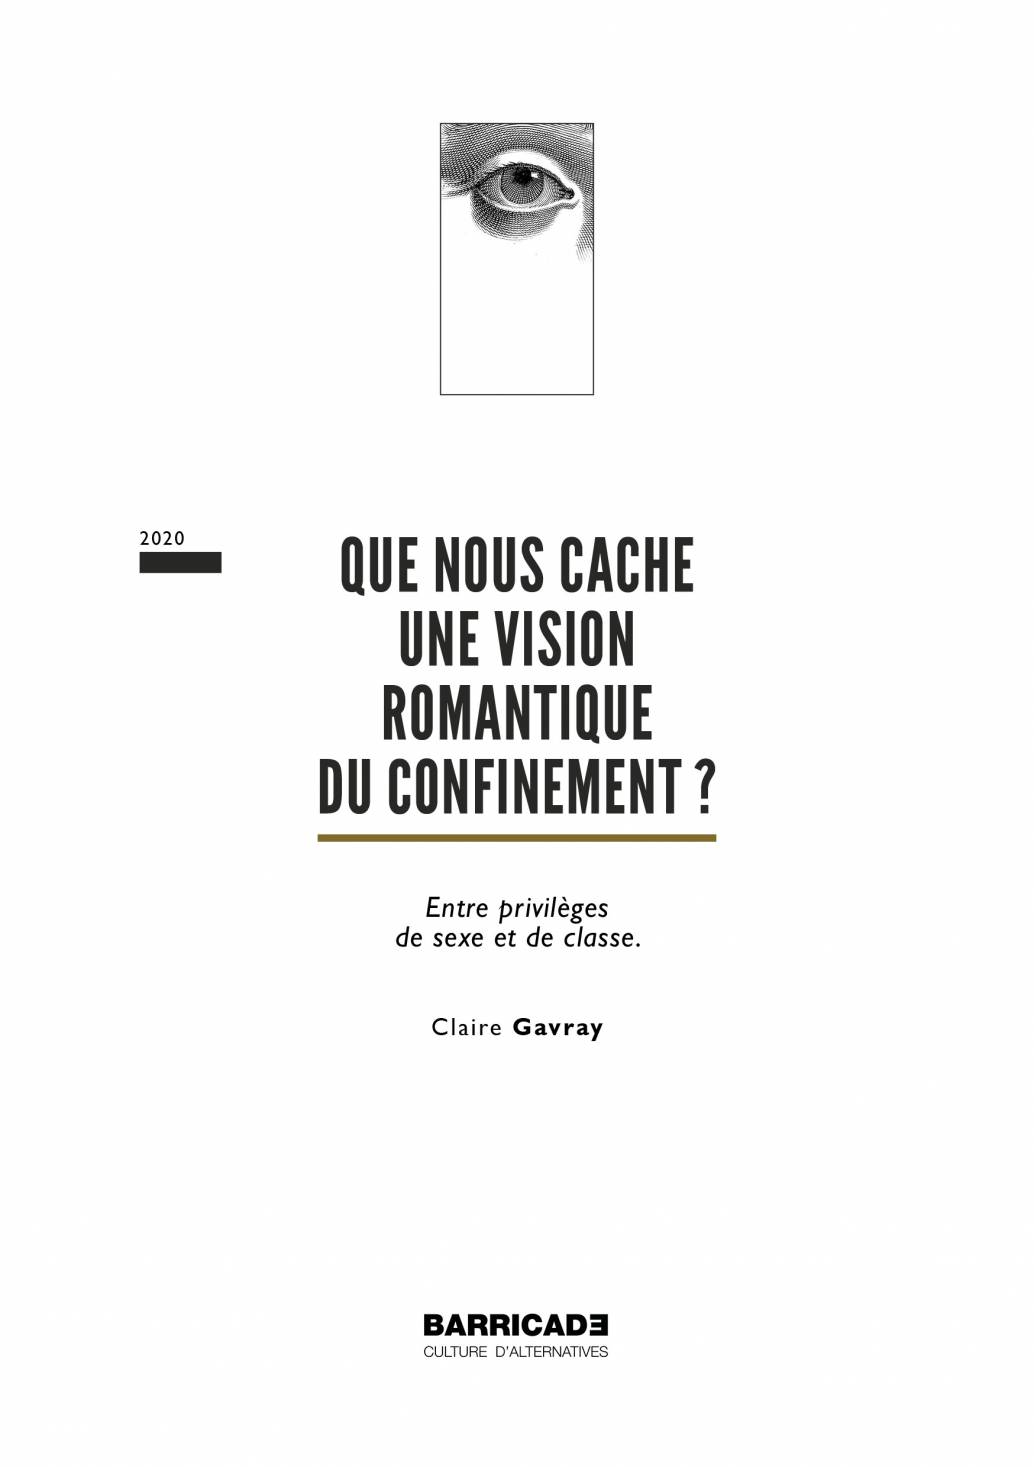 2020_analyse_que-nous-cache-une-vision-romantique-du-confinement.jpg